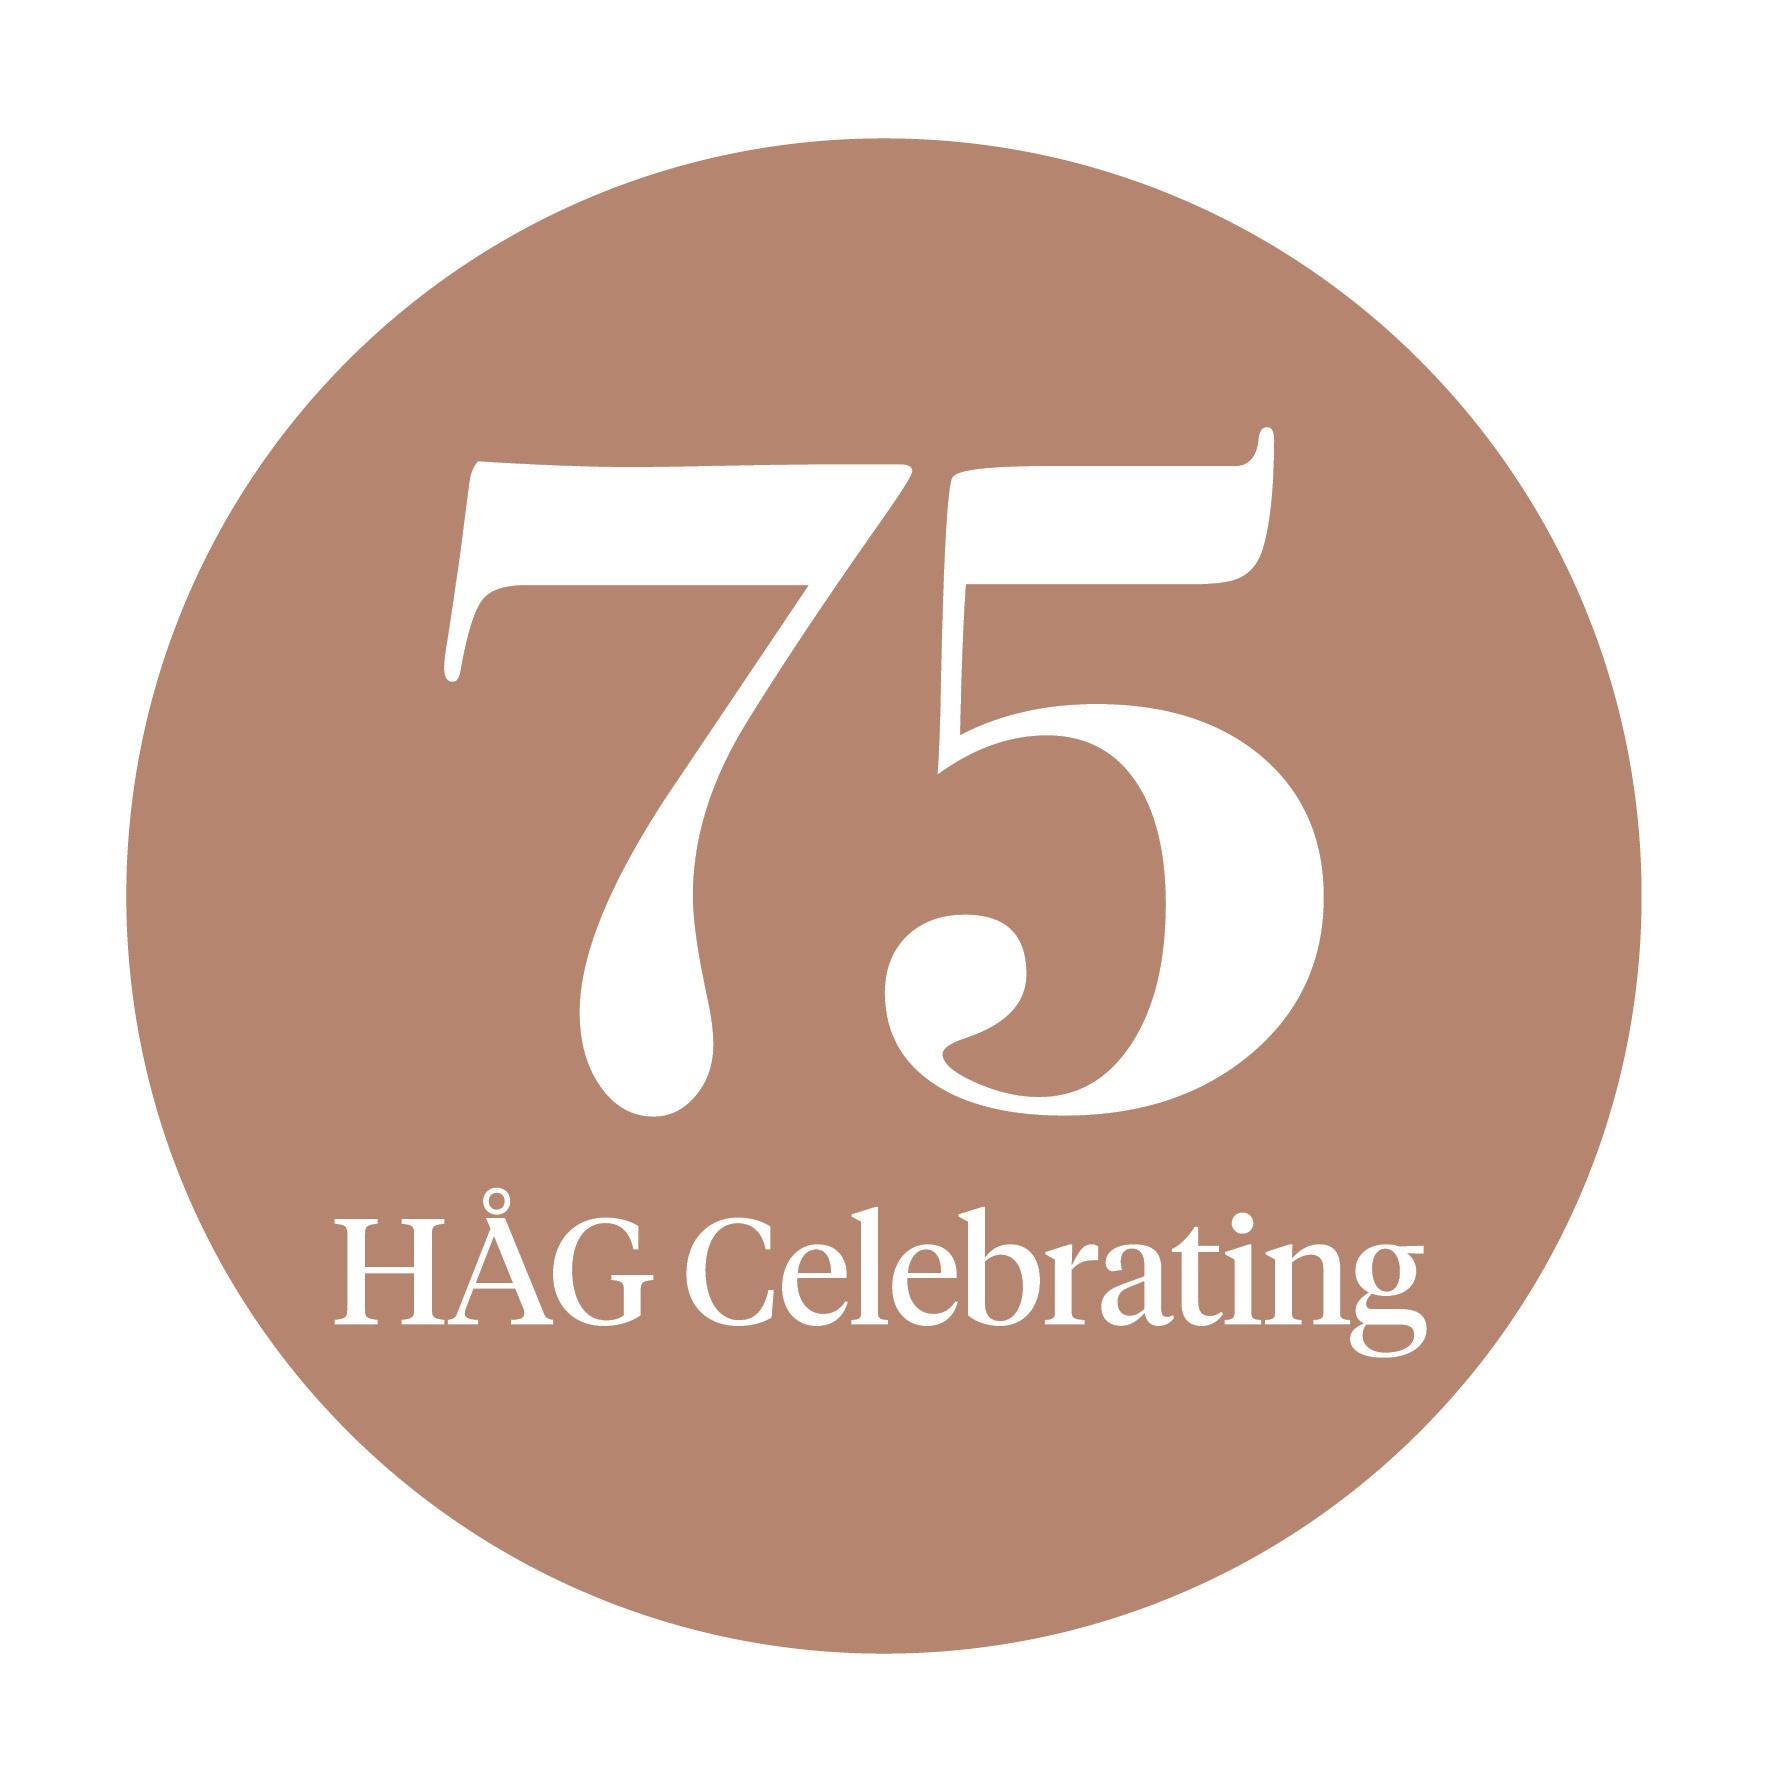 HA¦èG 75 logo 1